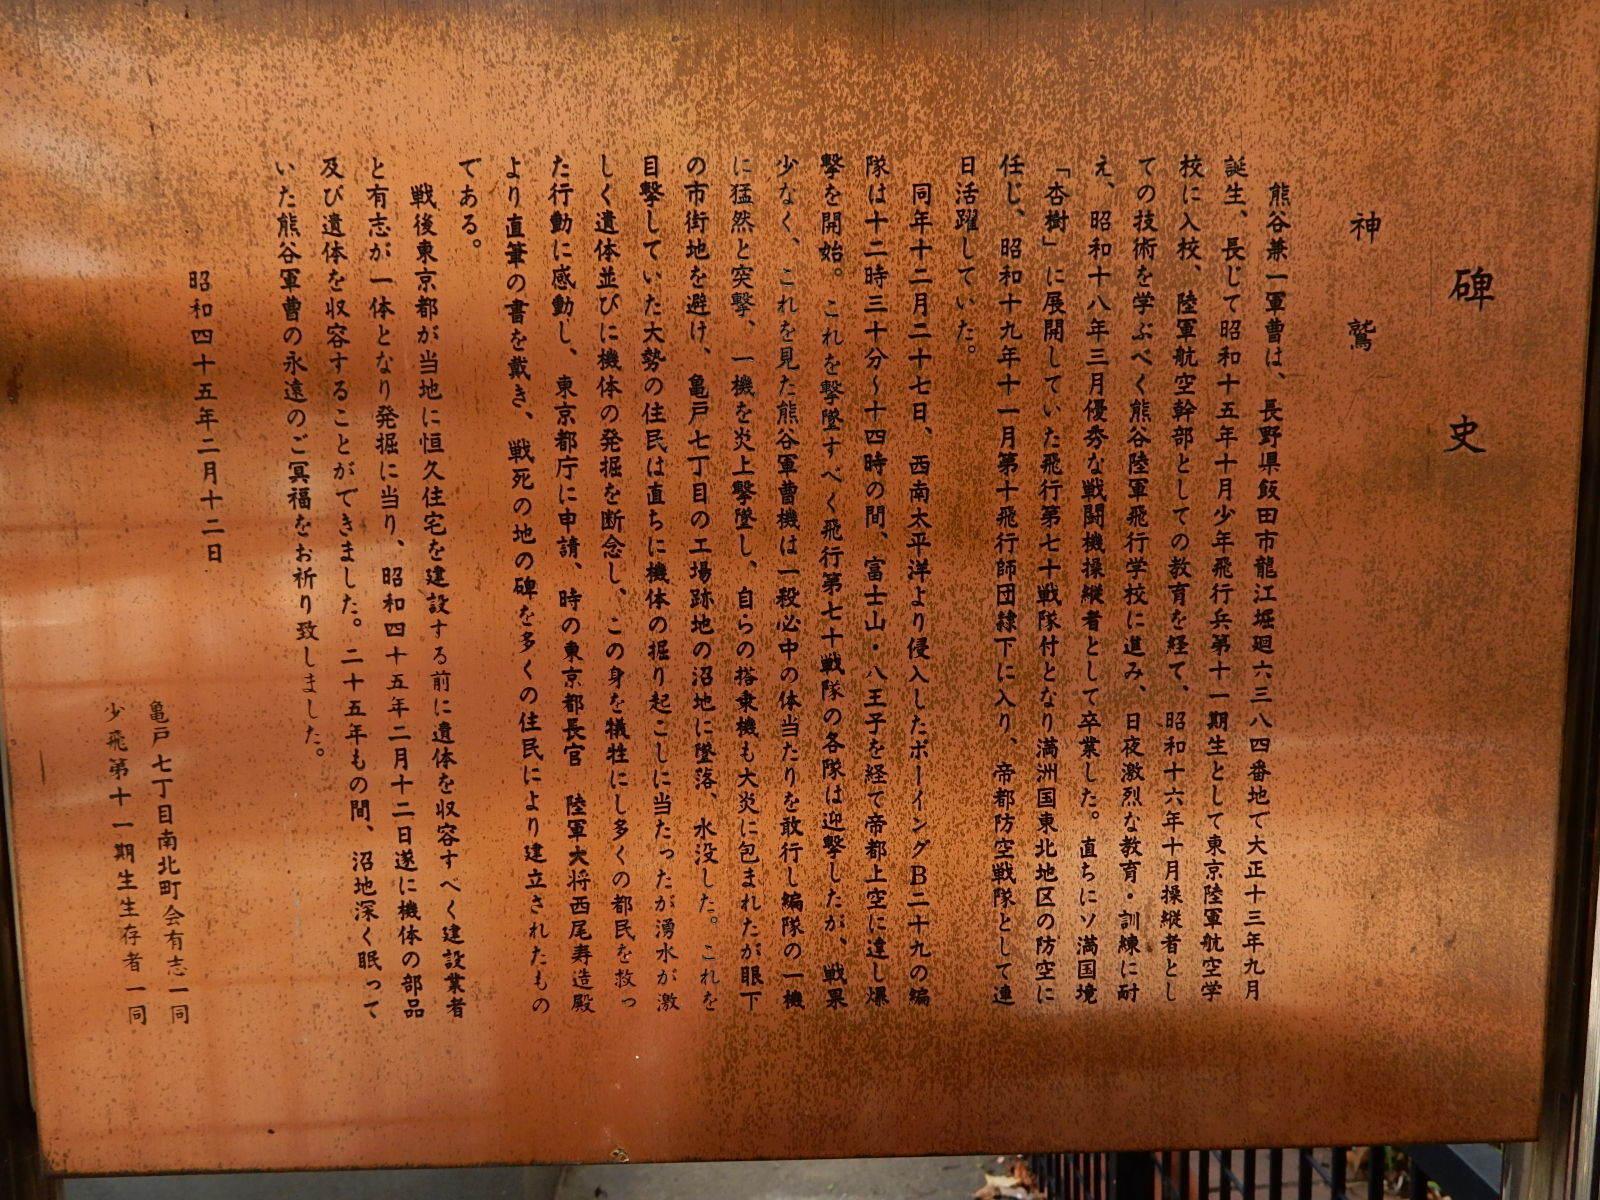 陸軍軍曹熊谷兼一戰死之地の碑文